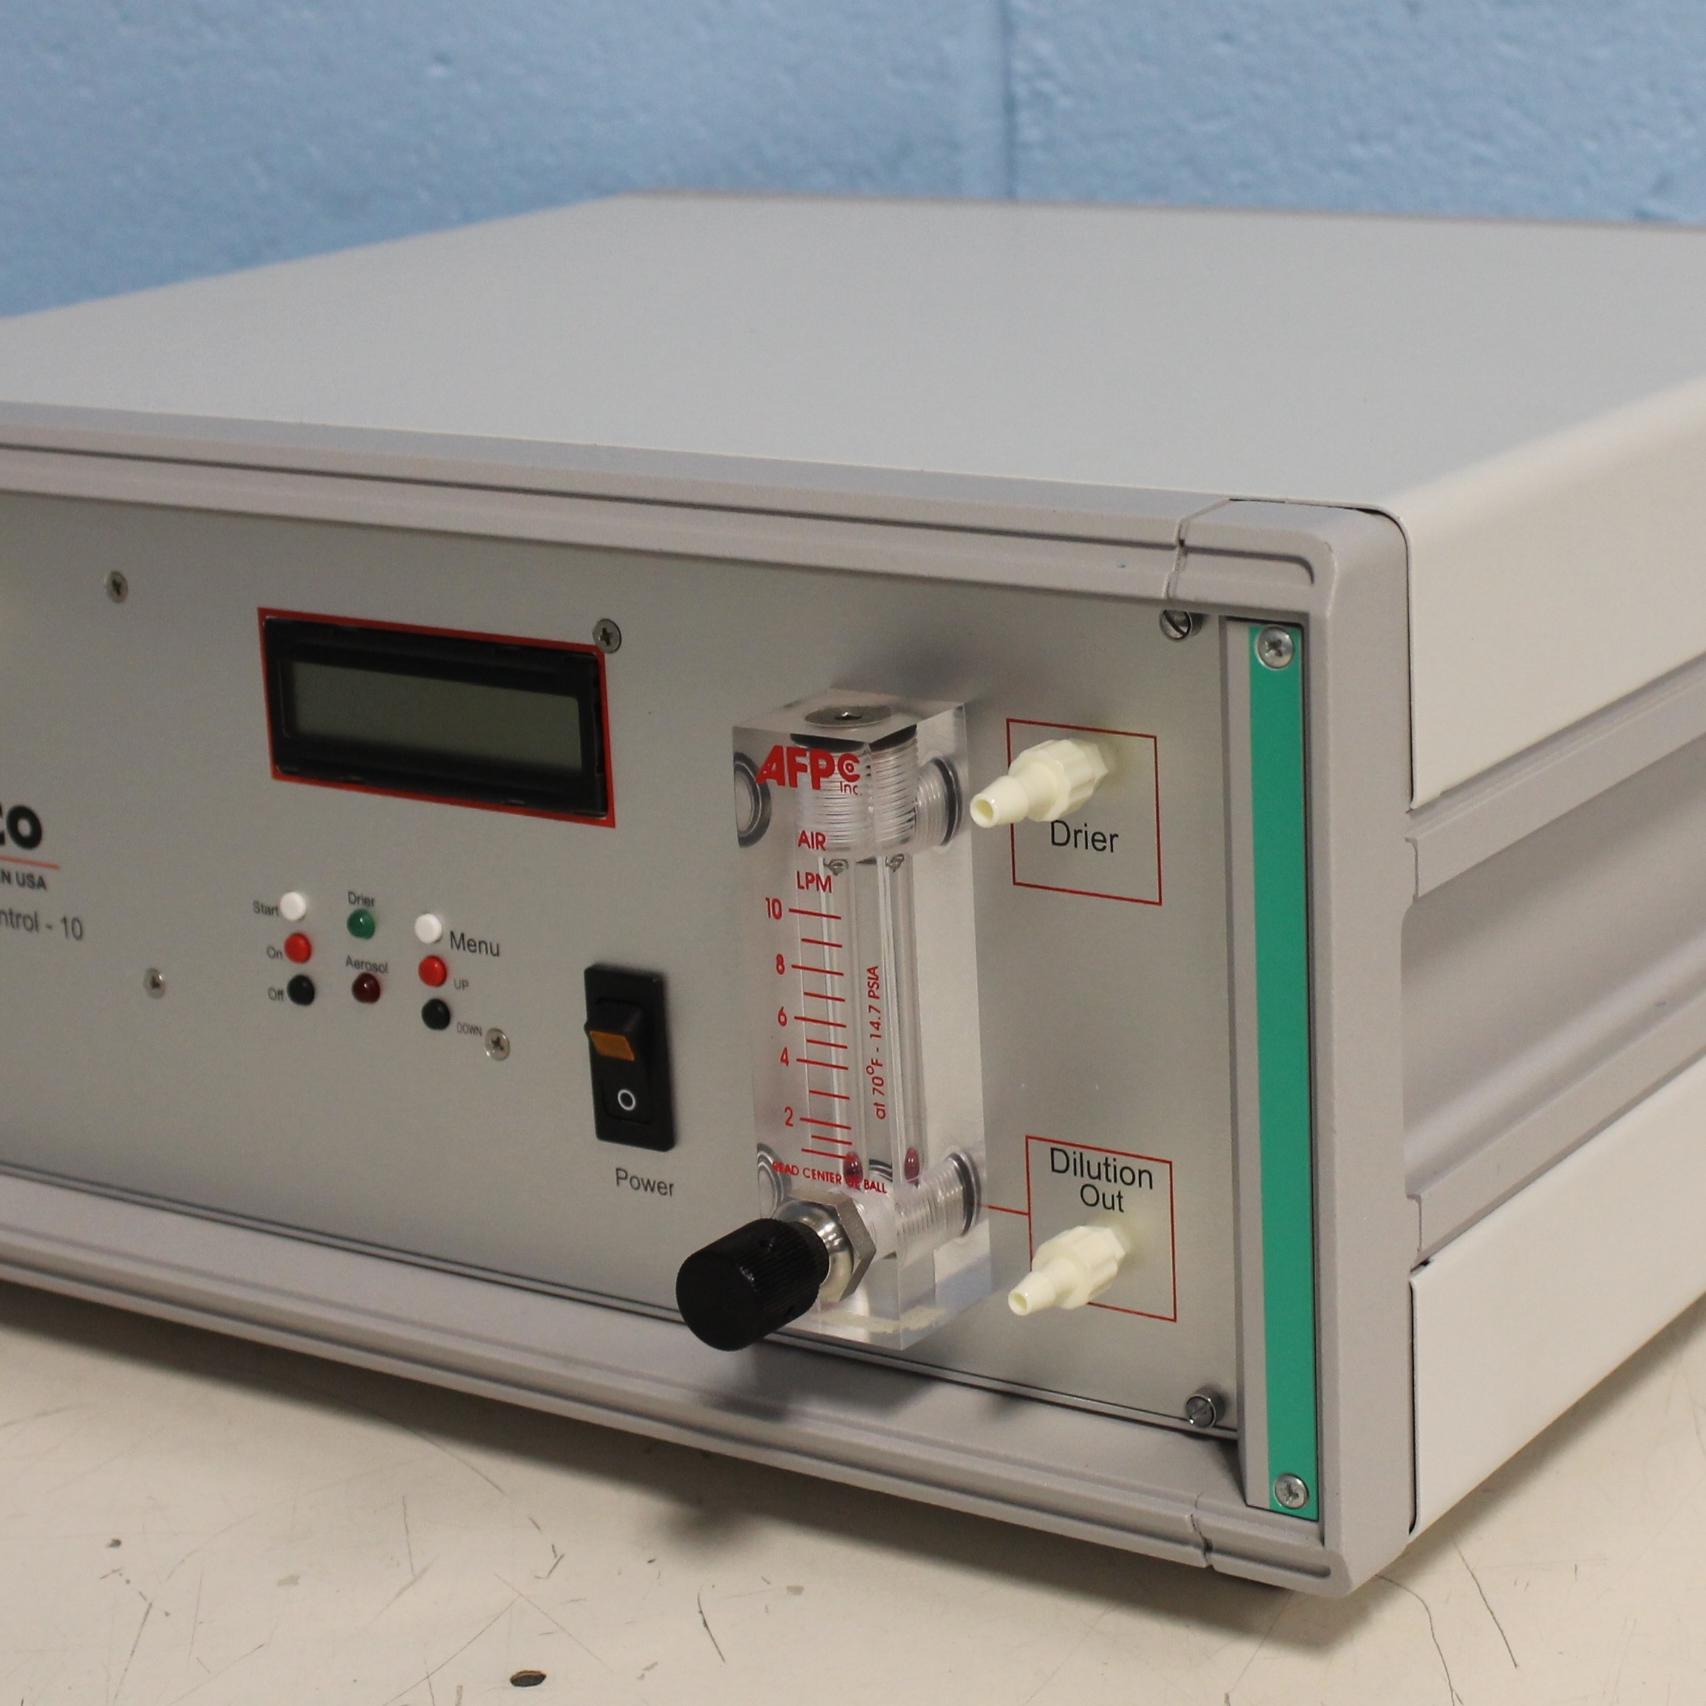 BUXCO Nebulizer Control - 10 Aerosol Delivery Unit Image